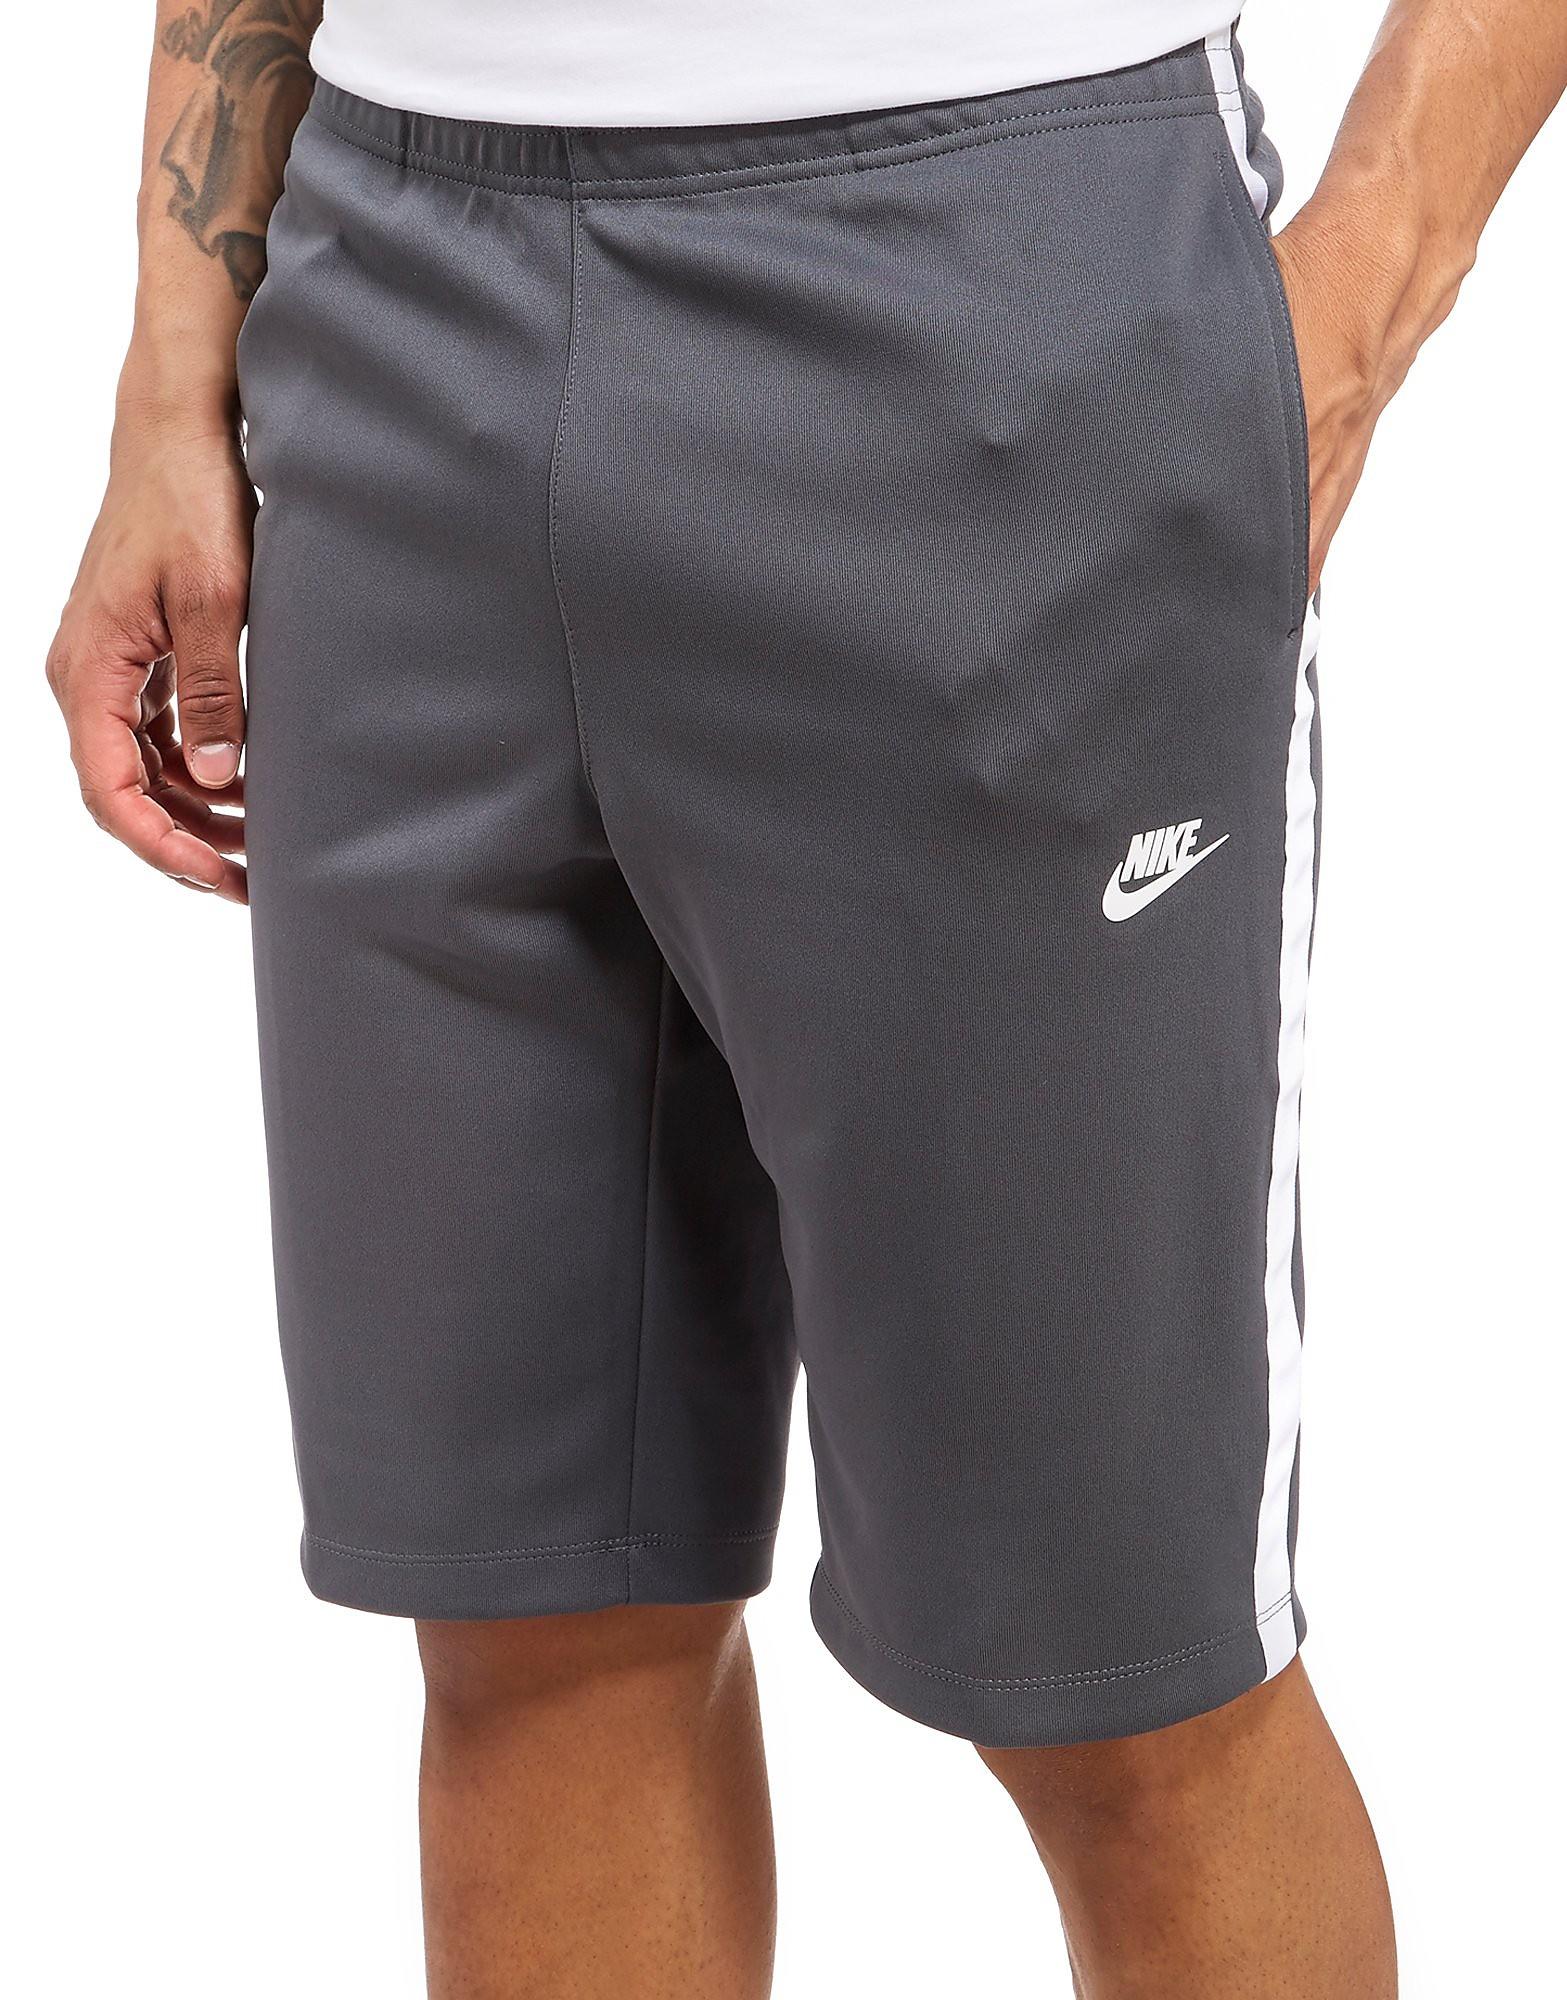 Under Armour Eliminator Shorts